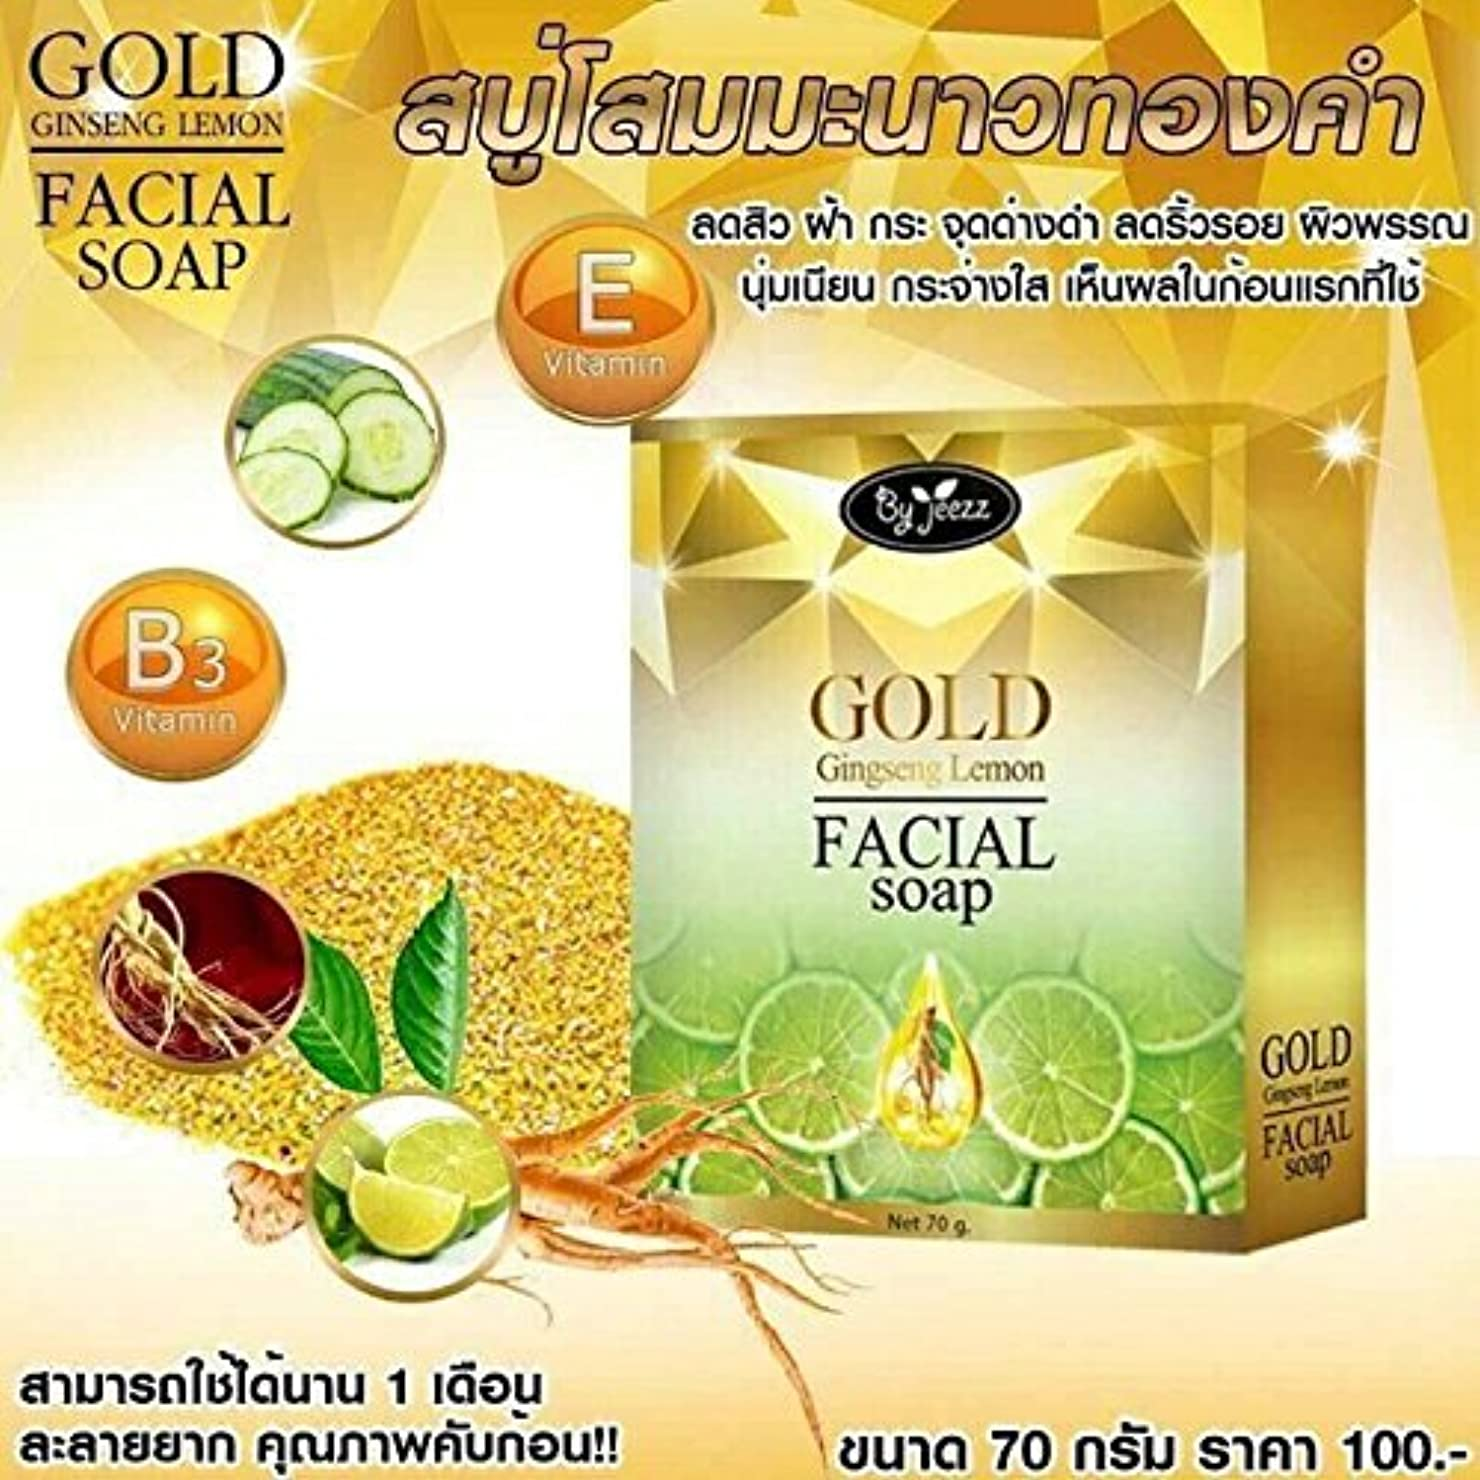 ハイライト踏みつけ合金1 X Natural Herbal Whitening Soap. Ginseng Lemon Soap (Gold Ginseng Lemon Facial Soap by jeezz) 70 g. Free shipping